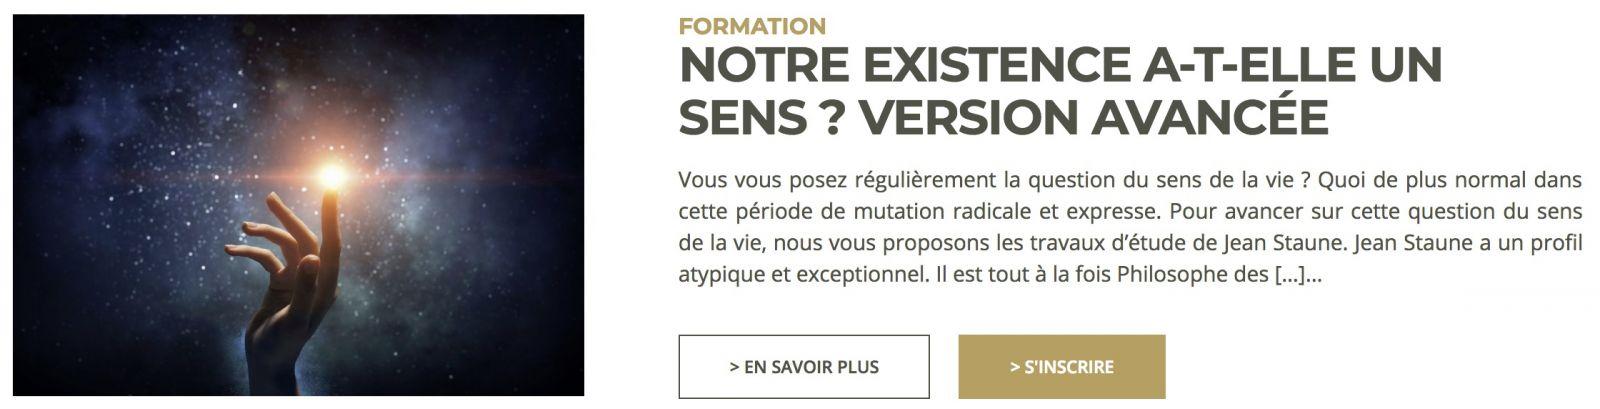 Formation en ligne de Jean Staune - Notre existence a-t-elle un sens ? Version avancée